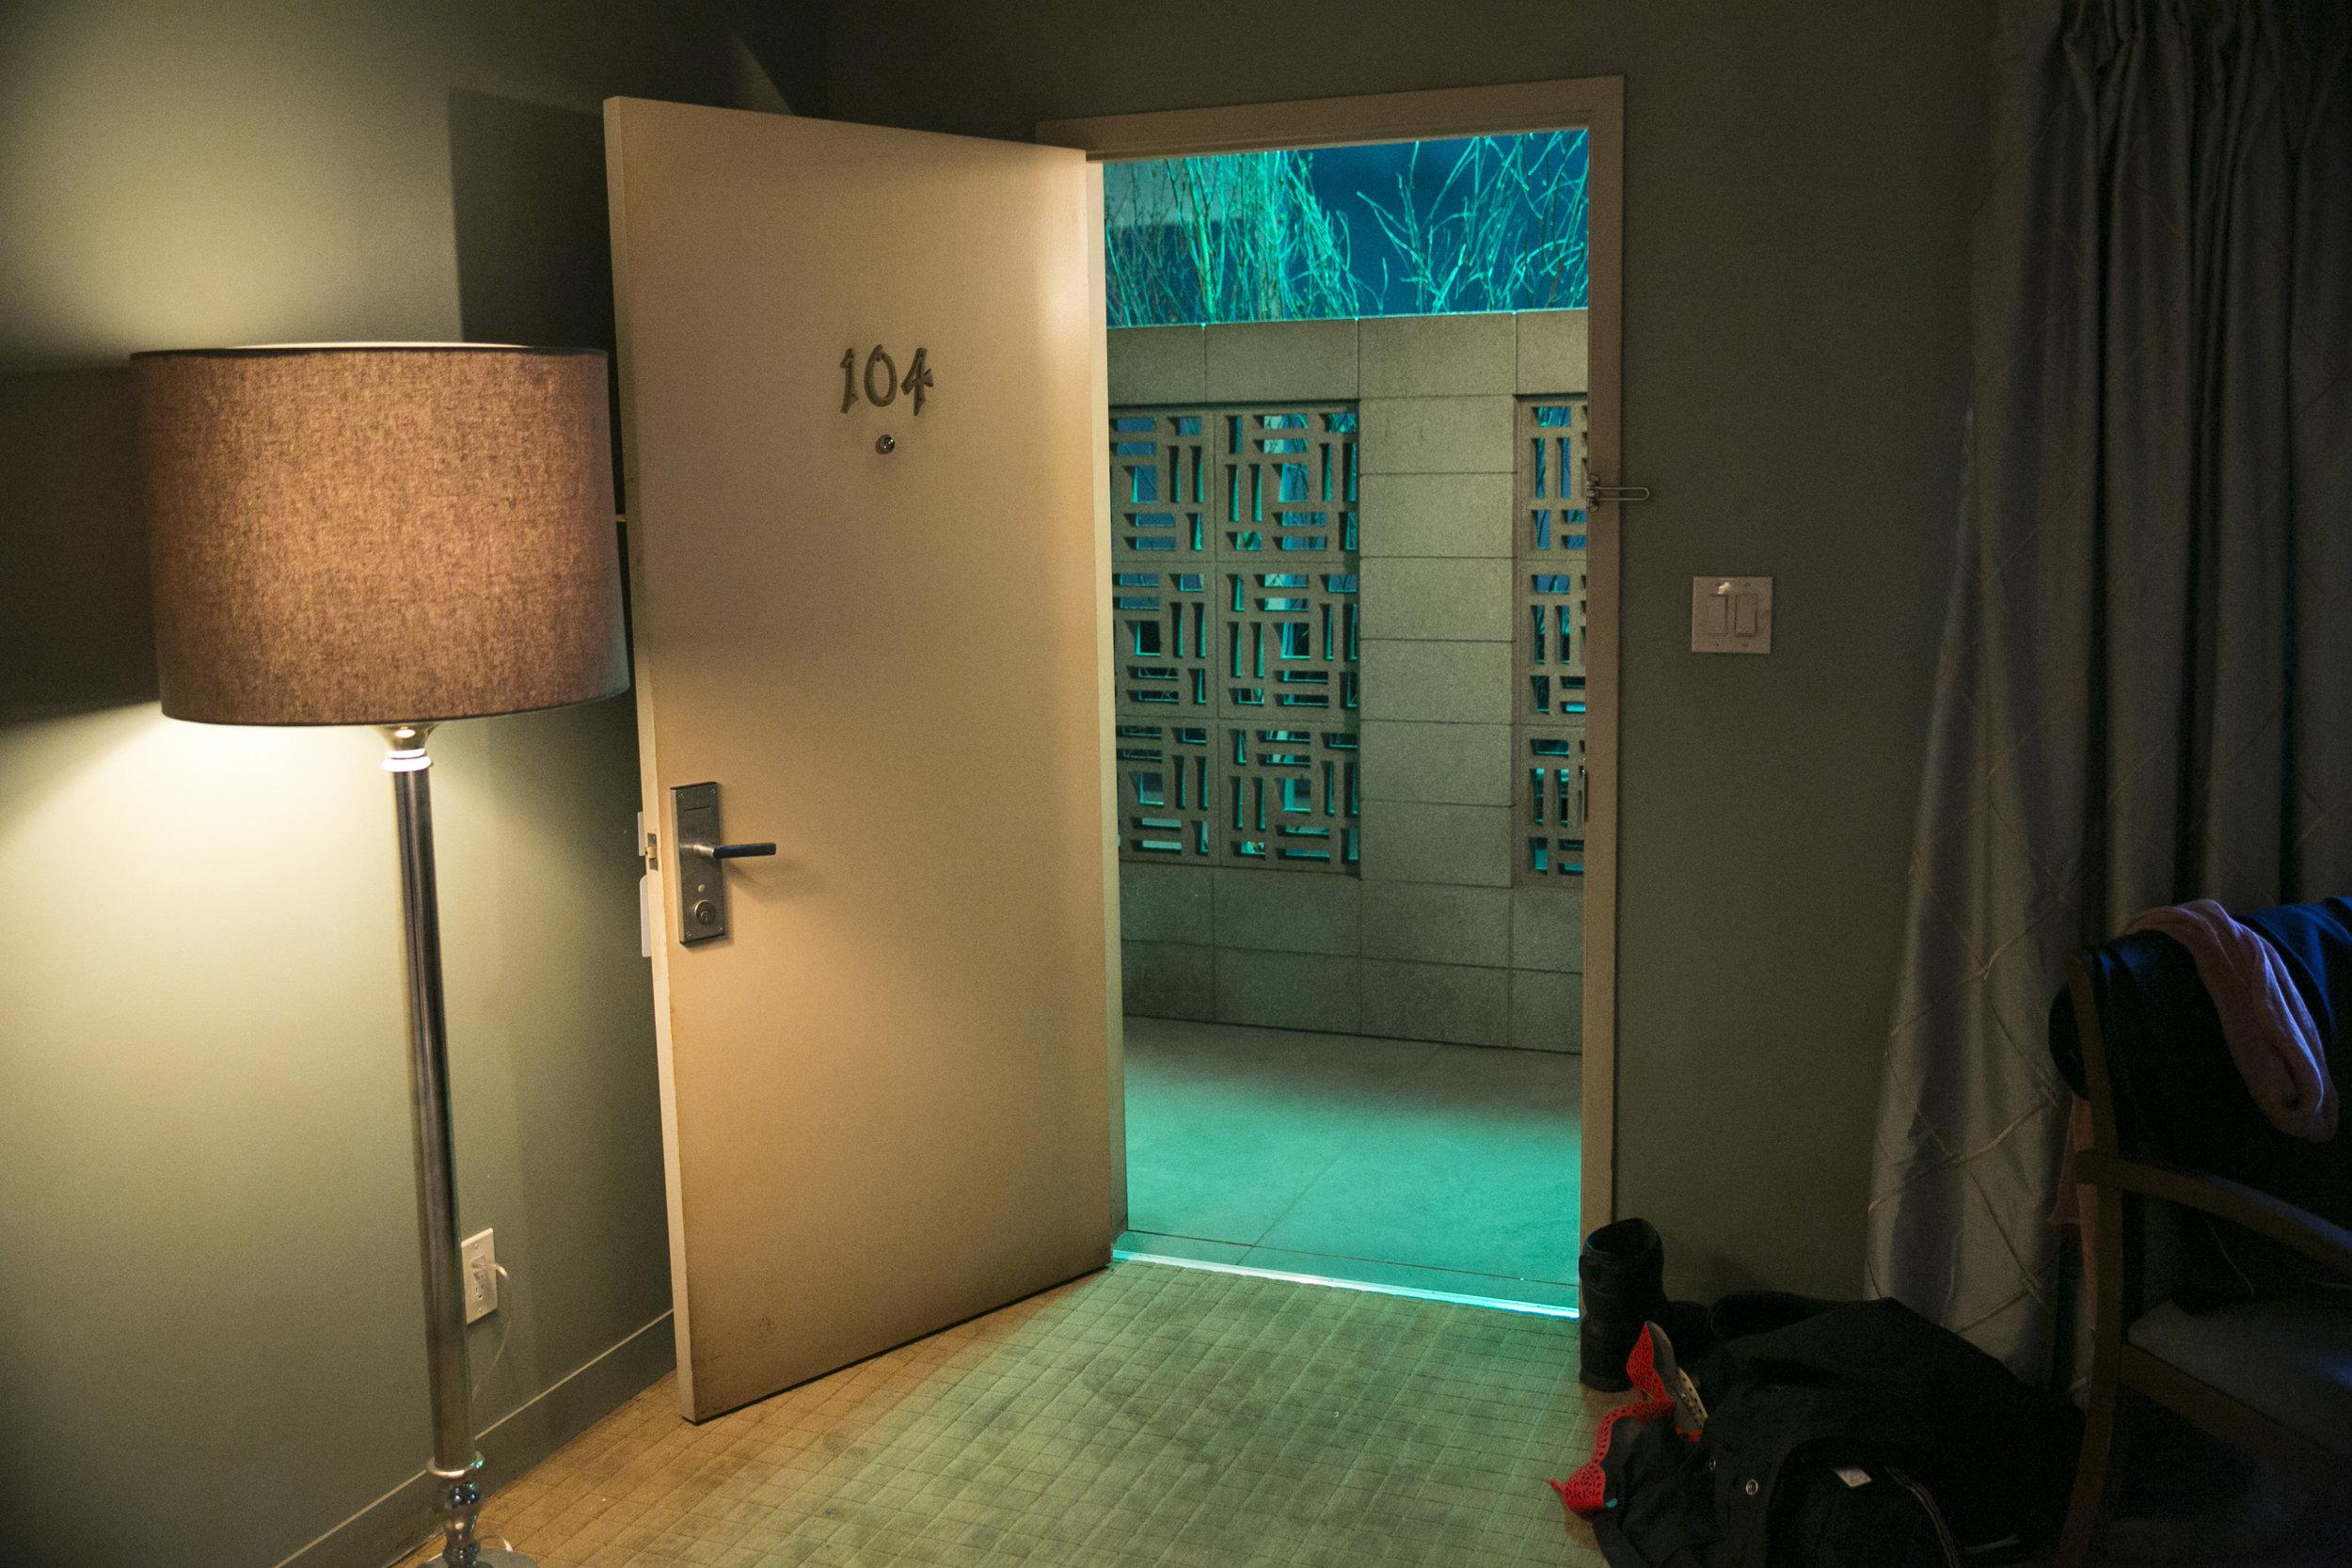 Room-104